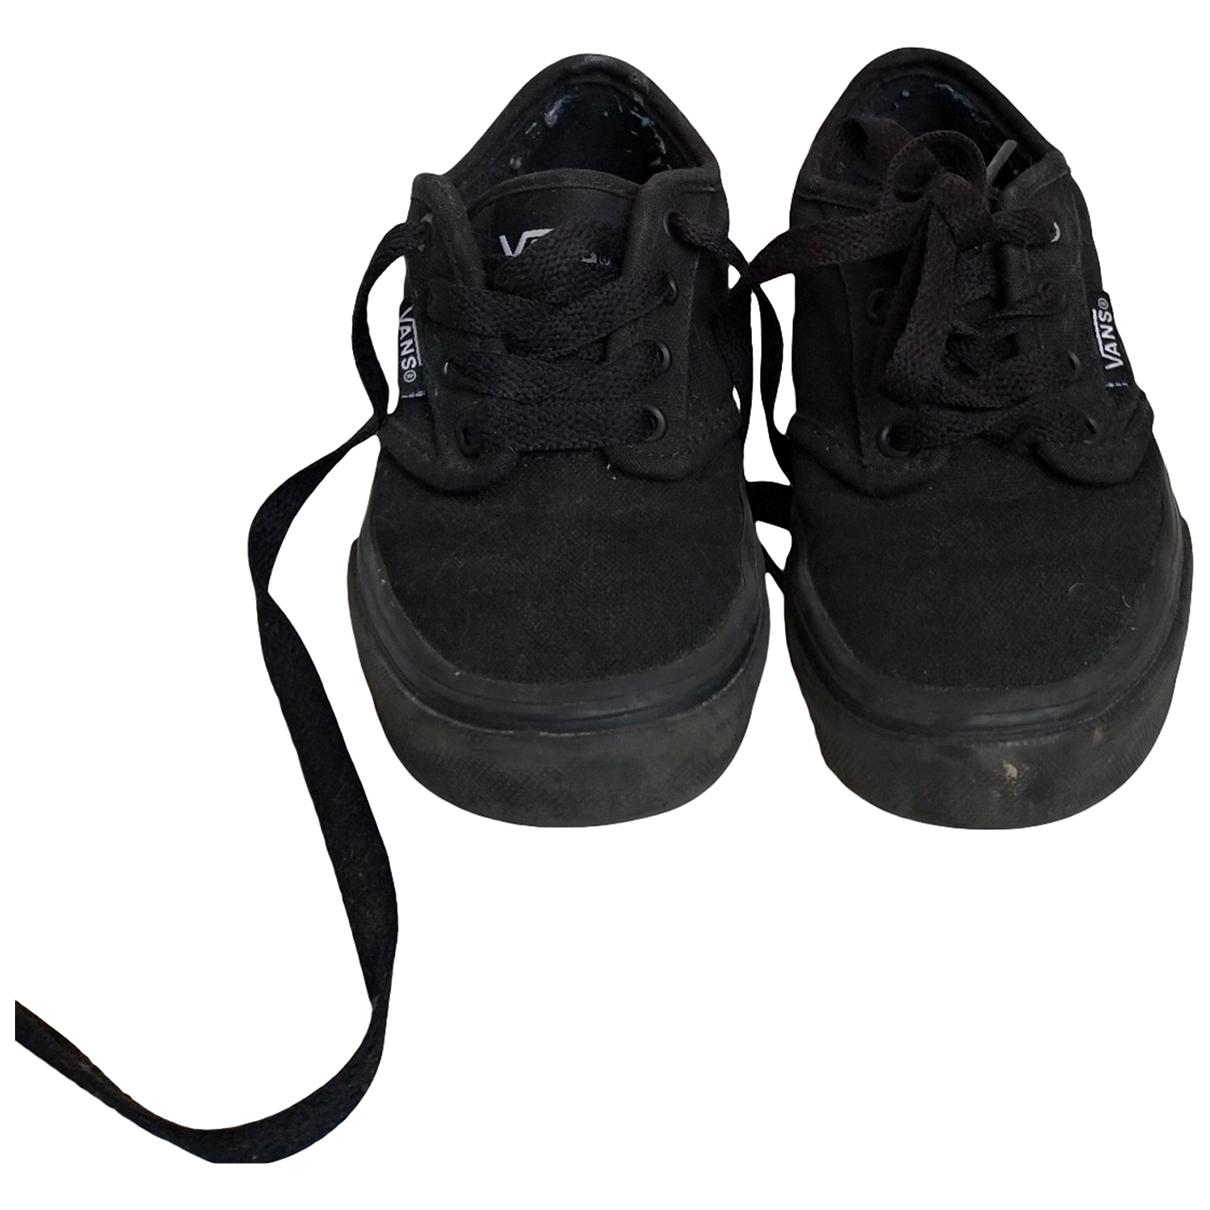 Vans - Baskets   pour enfant en toile - noir